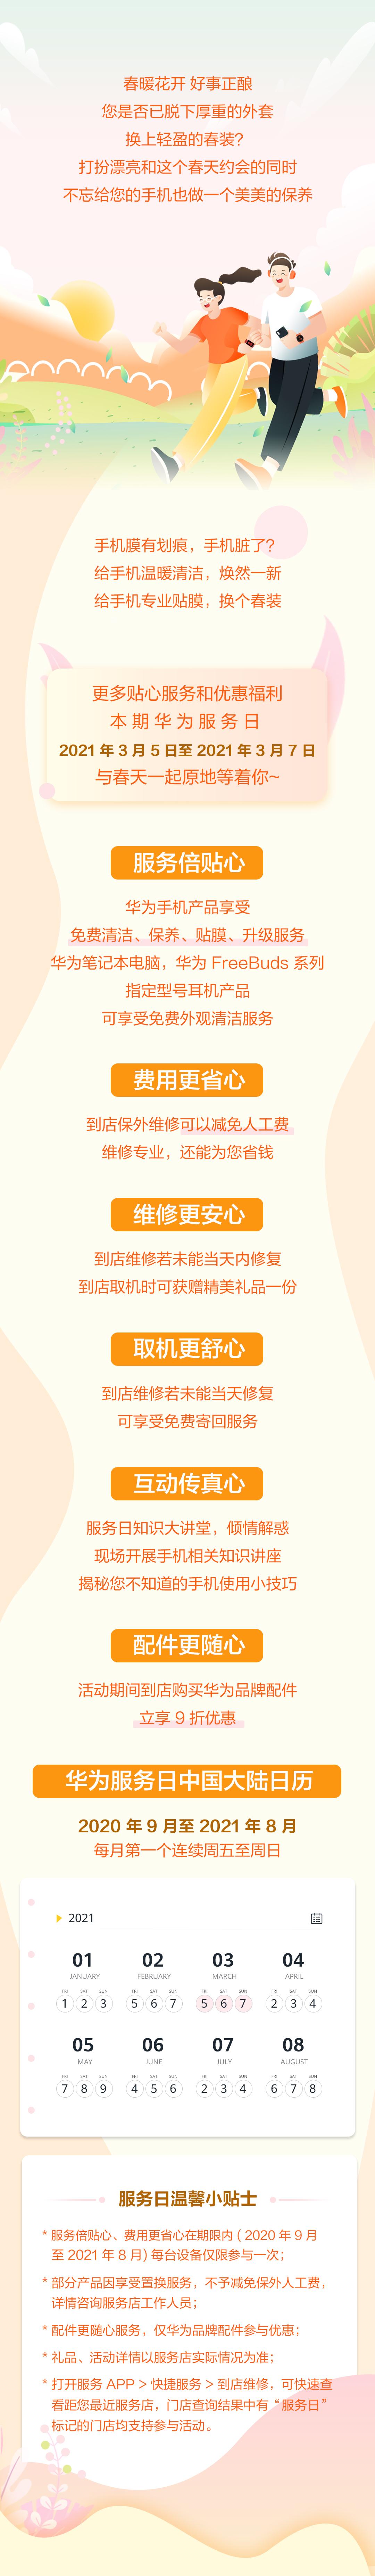 华为服务日.jpg